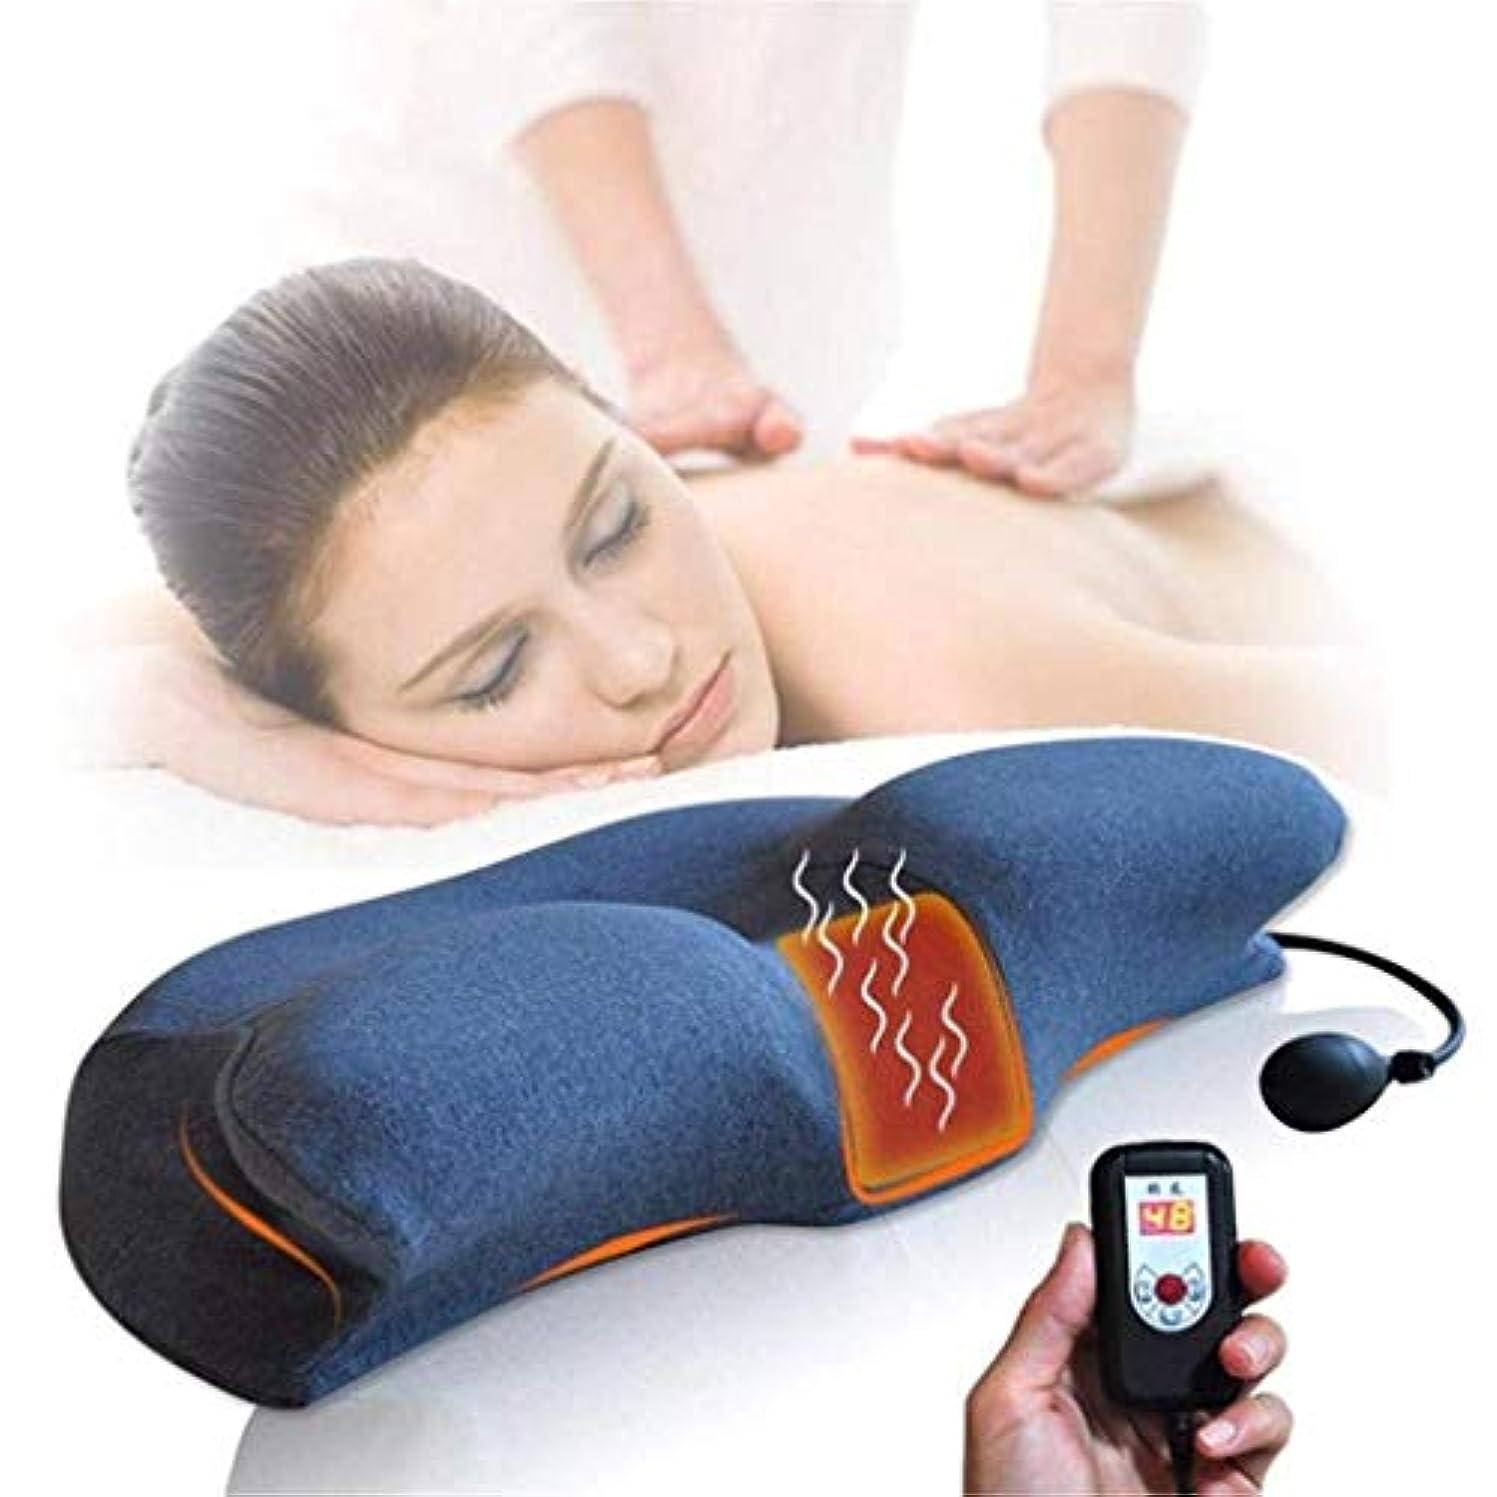 賞賛する架空の地獄マッサージ枕、メモリ枕、頸部牽引装置、インフレータブルヘルスケア整形外科マッサージ枕、睡眠肩枕の促進